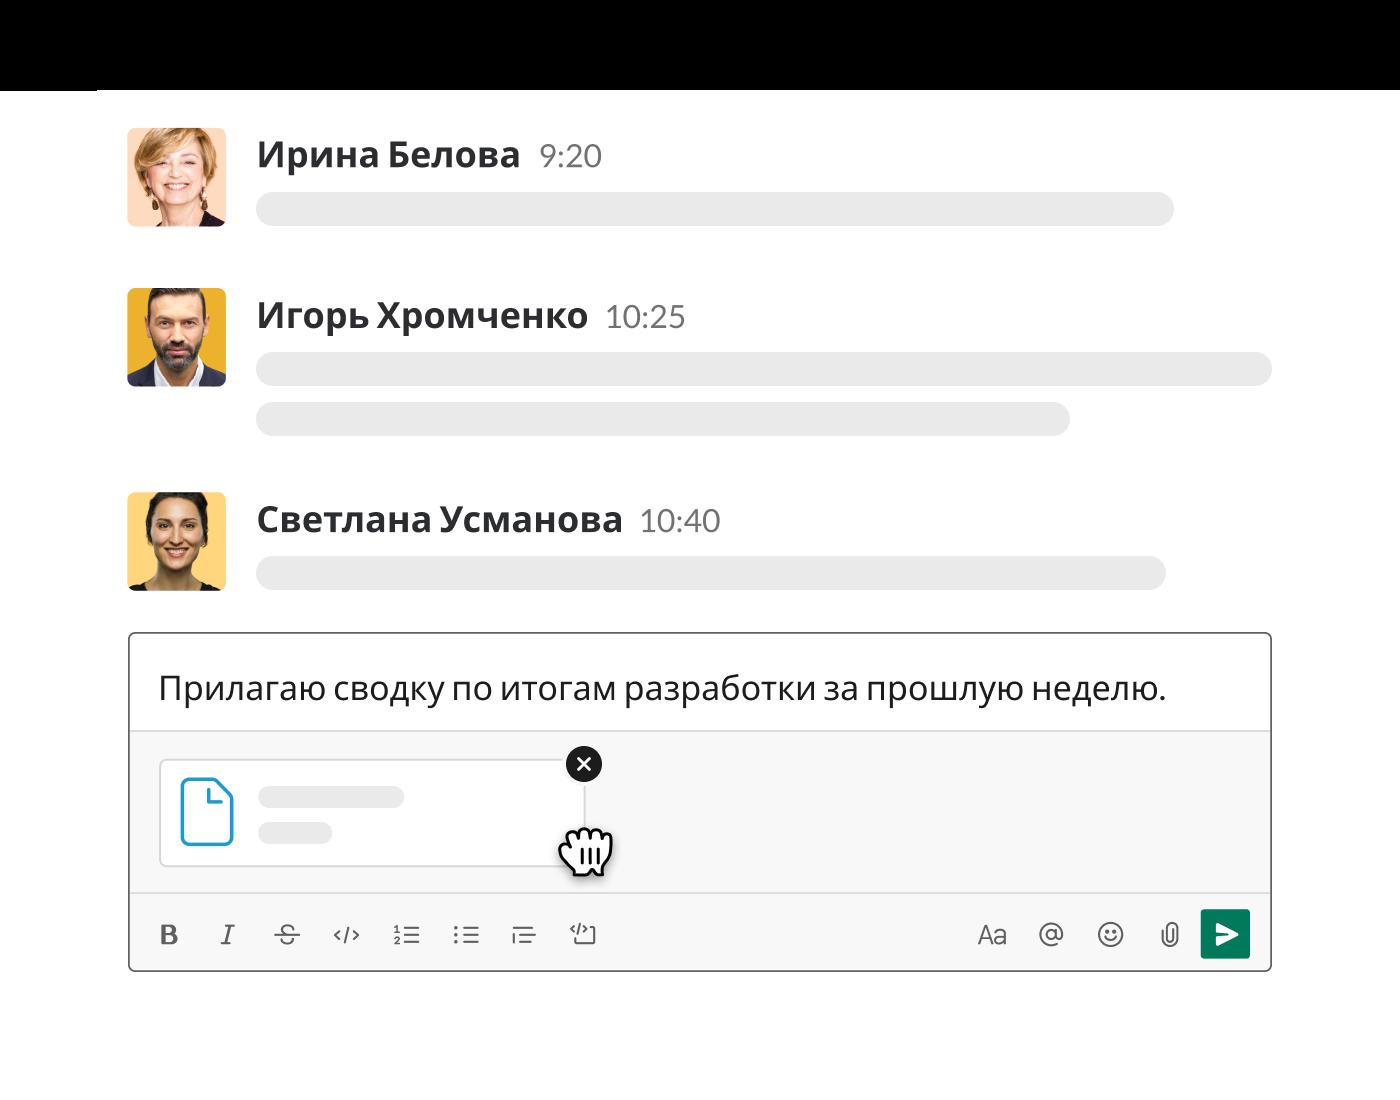 загрузите файл в Slack из поля для ввода сообщения